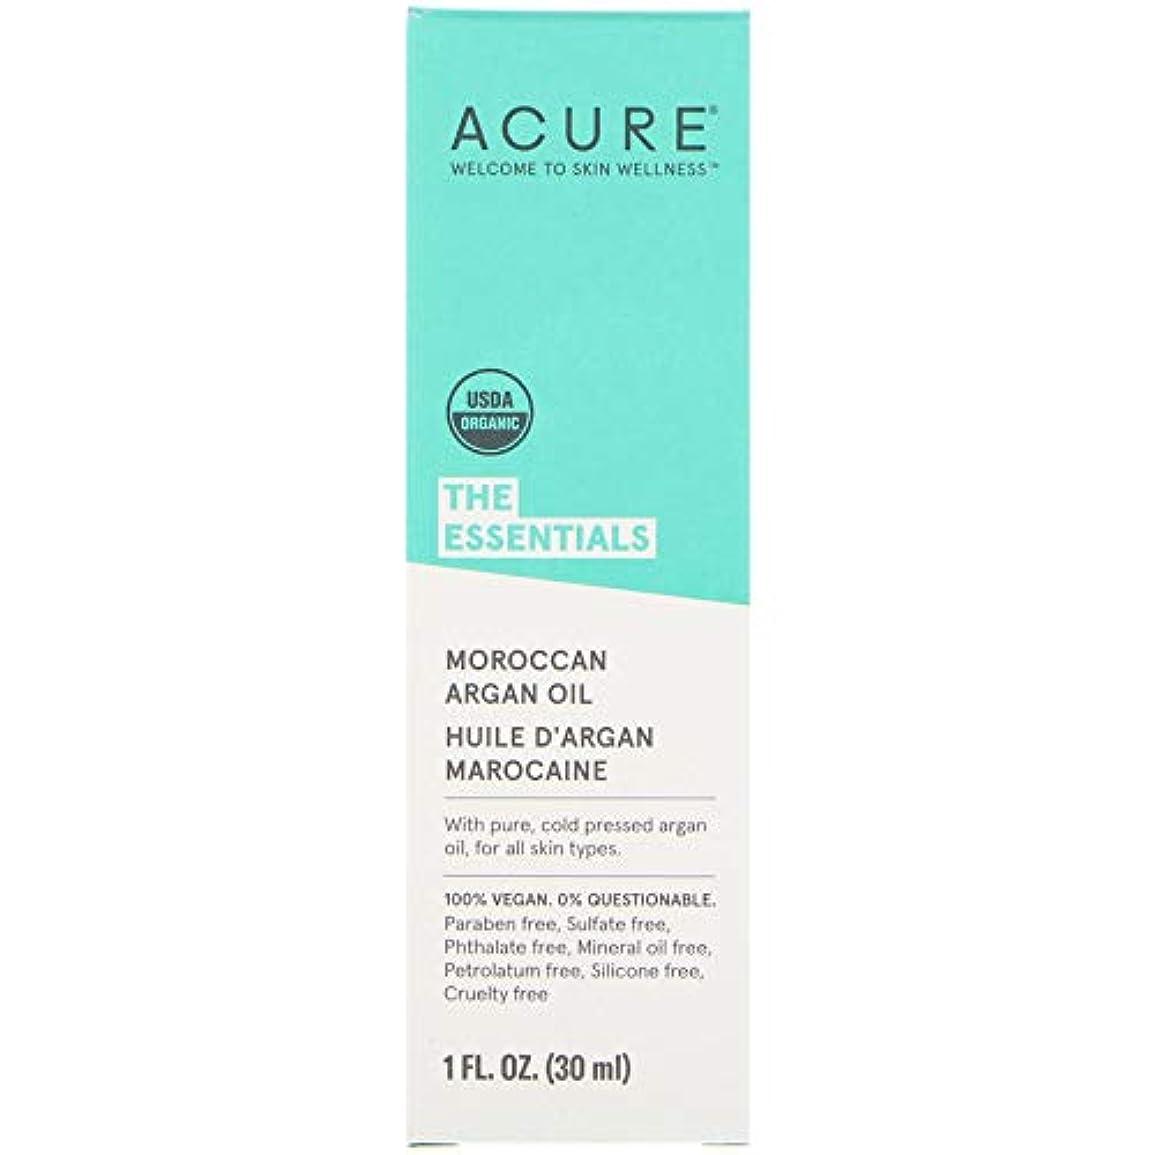 原子マスタード動的Acure Organics オーガニック モロッコ産 アルガンオイル 30ml x 3本セット [並行輸入品]